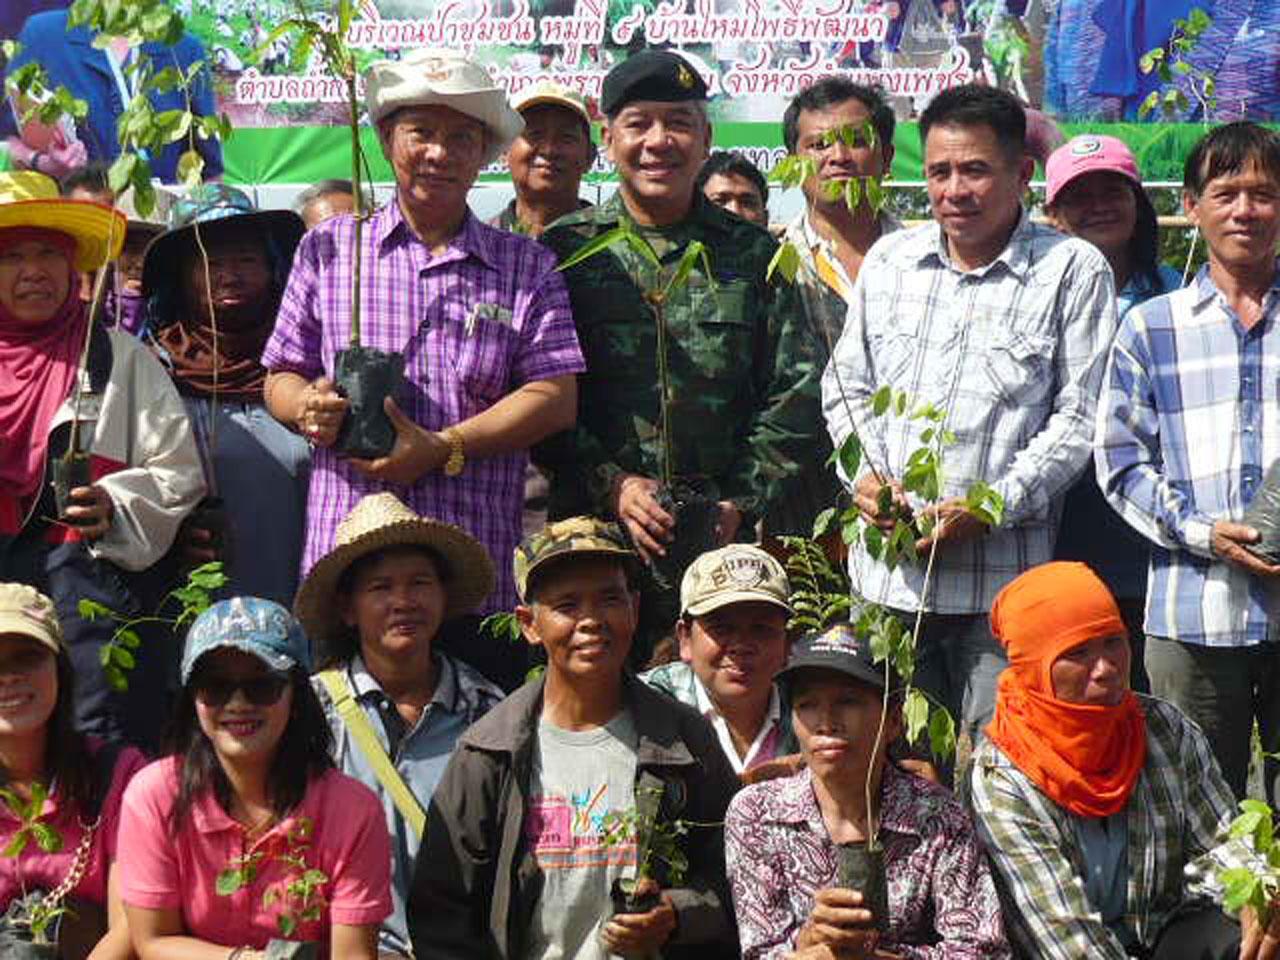 ภาพที่ระลึกร่วมกับชาวบ้านและจนท.ทหารในพื้นที่ปลูกป่า